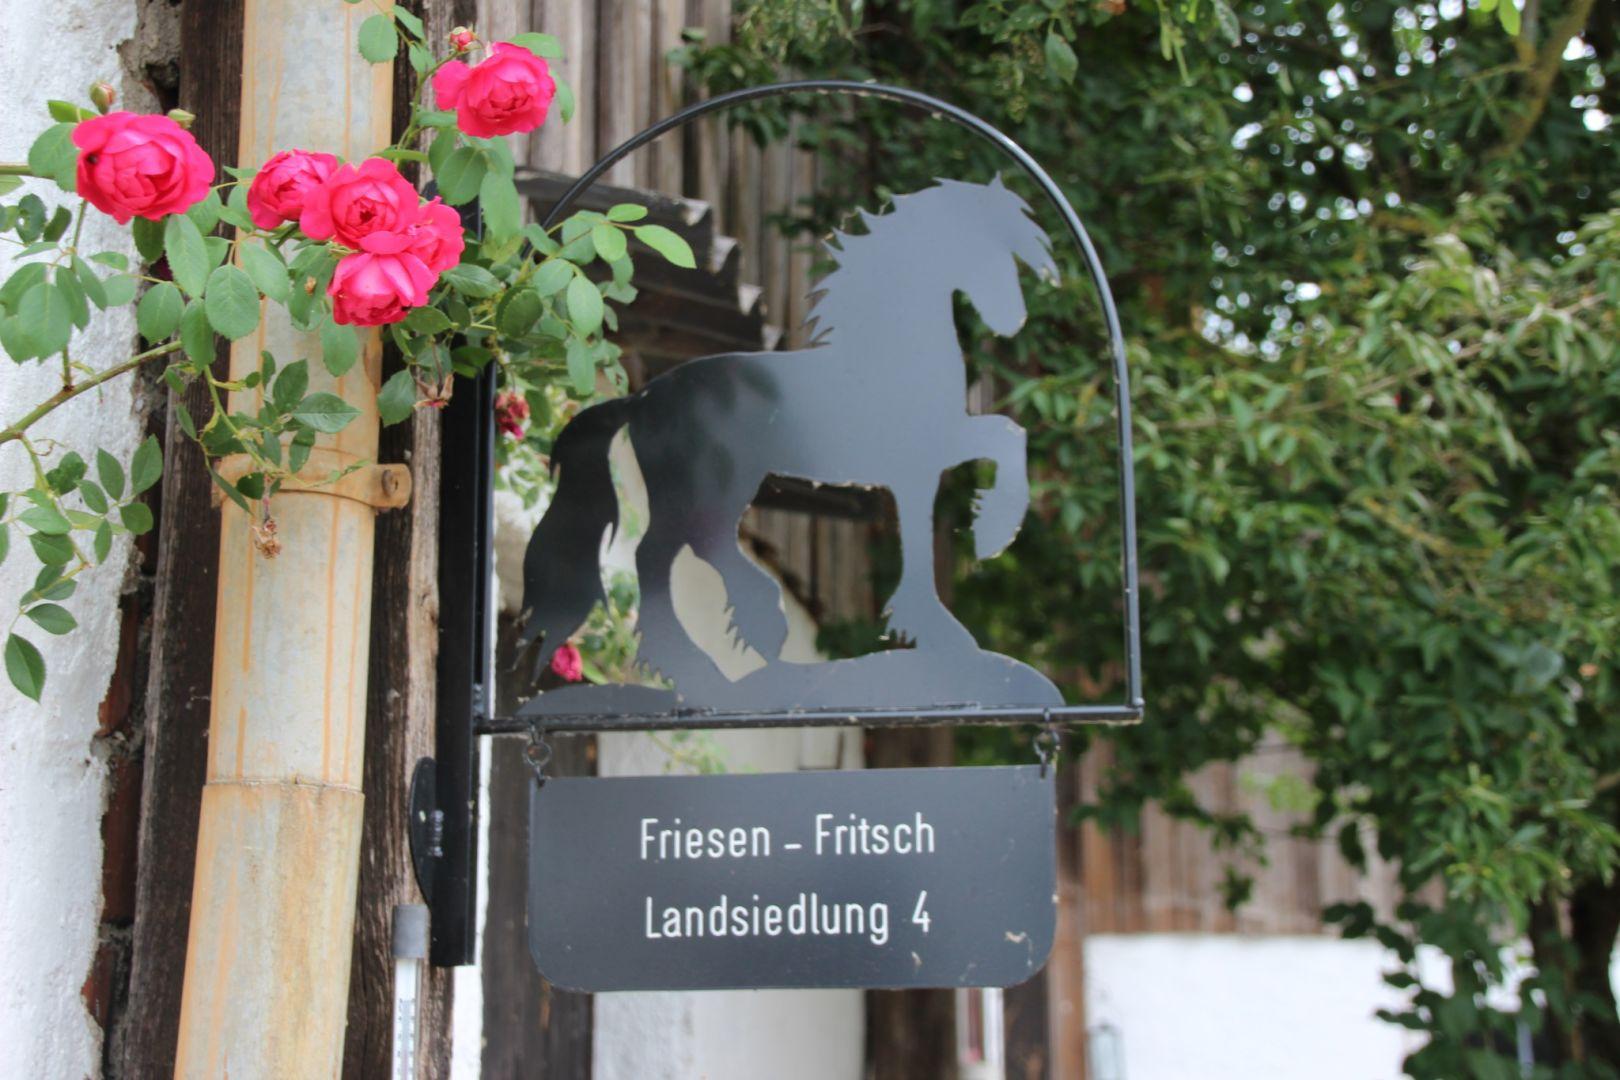 Friesen Fritsch Schild